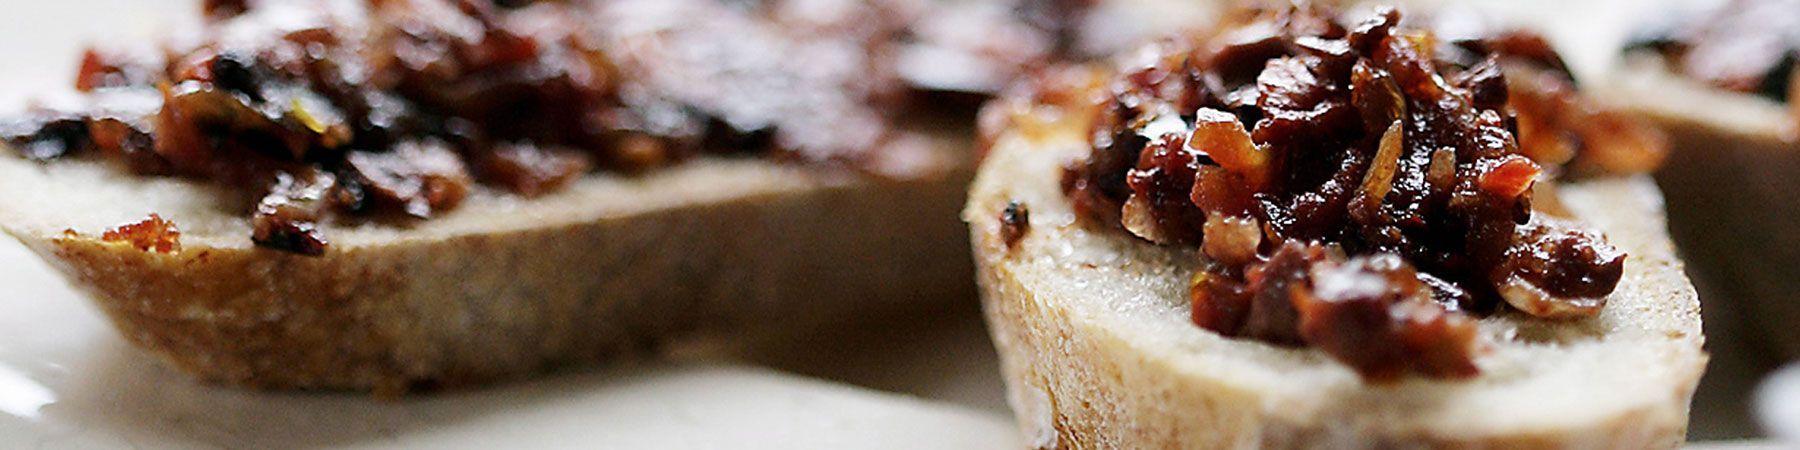 Tapenades -pâtes d'olives